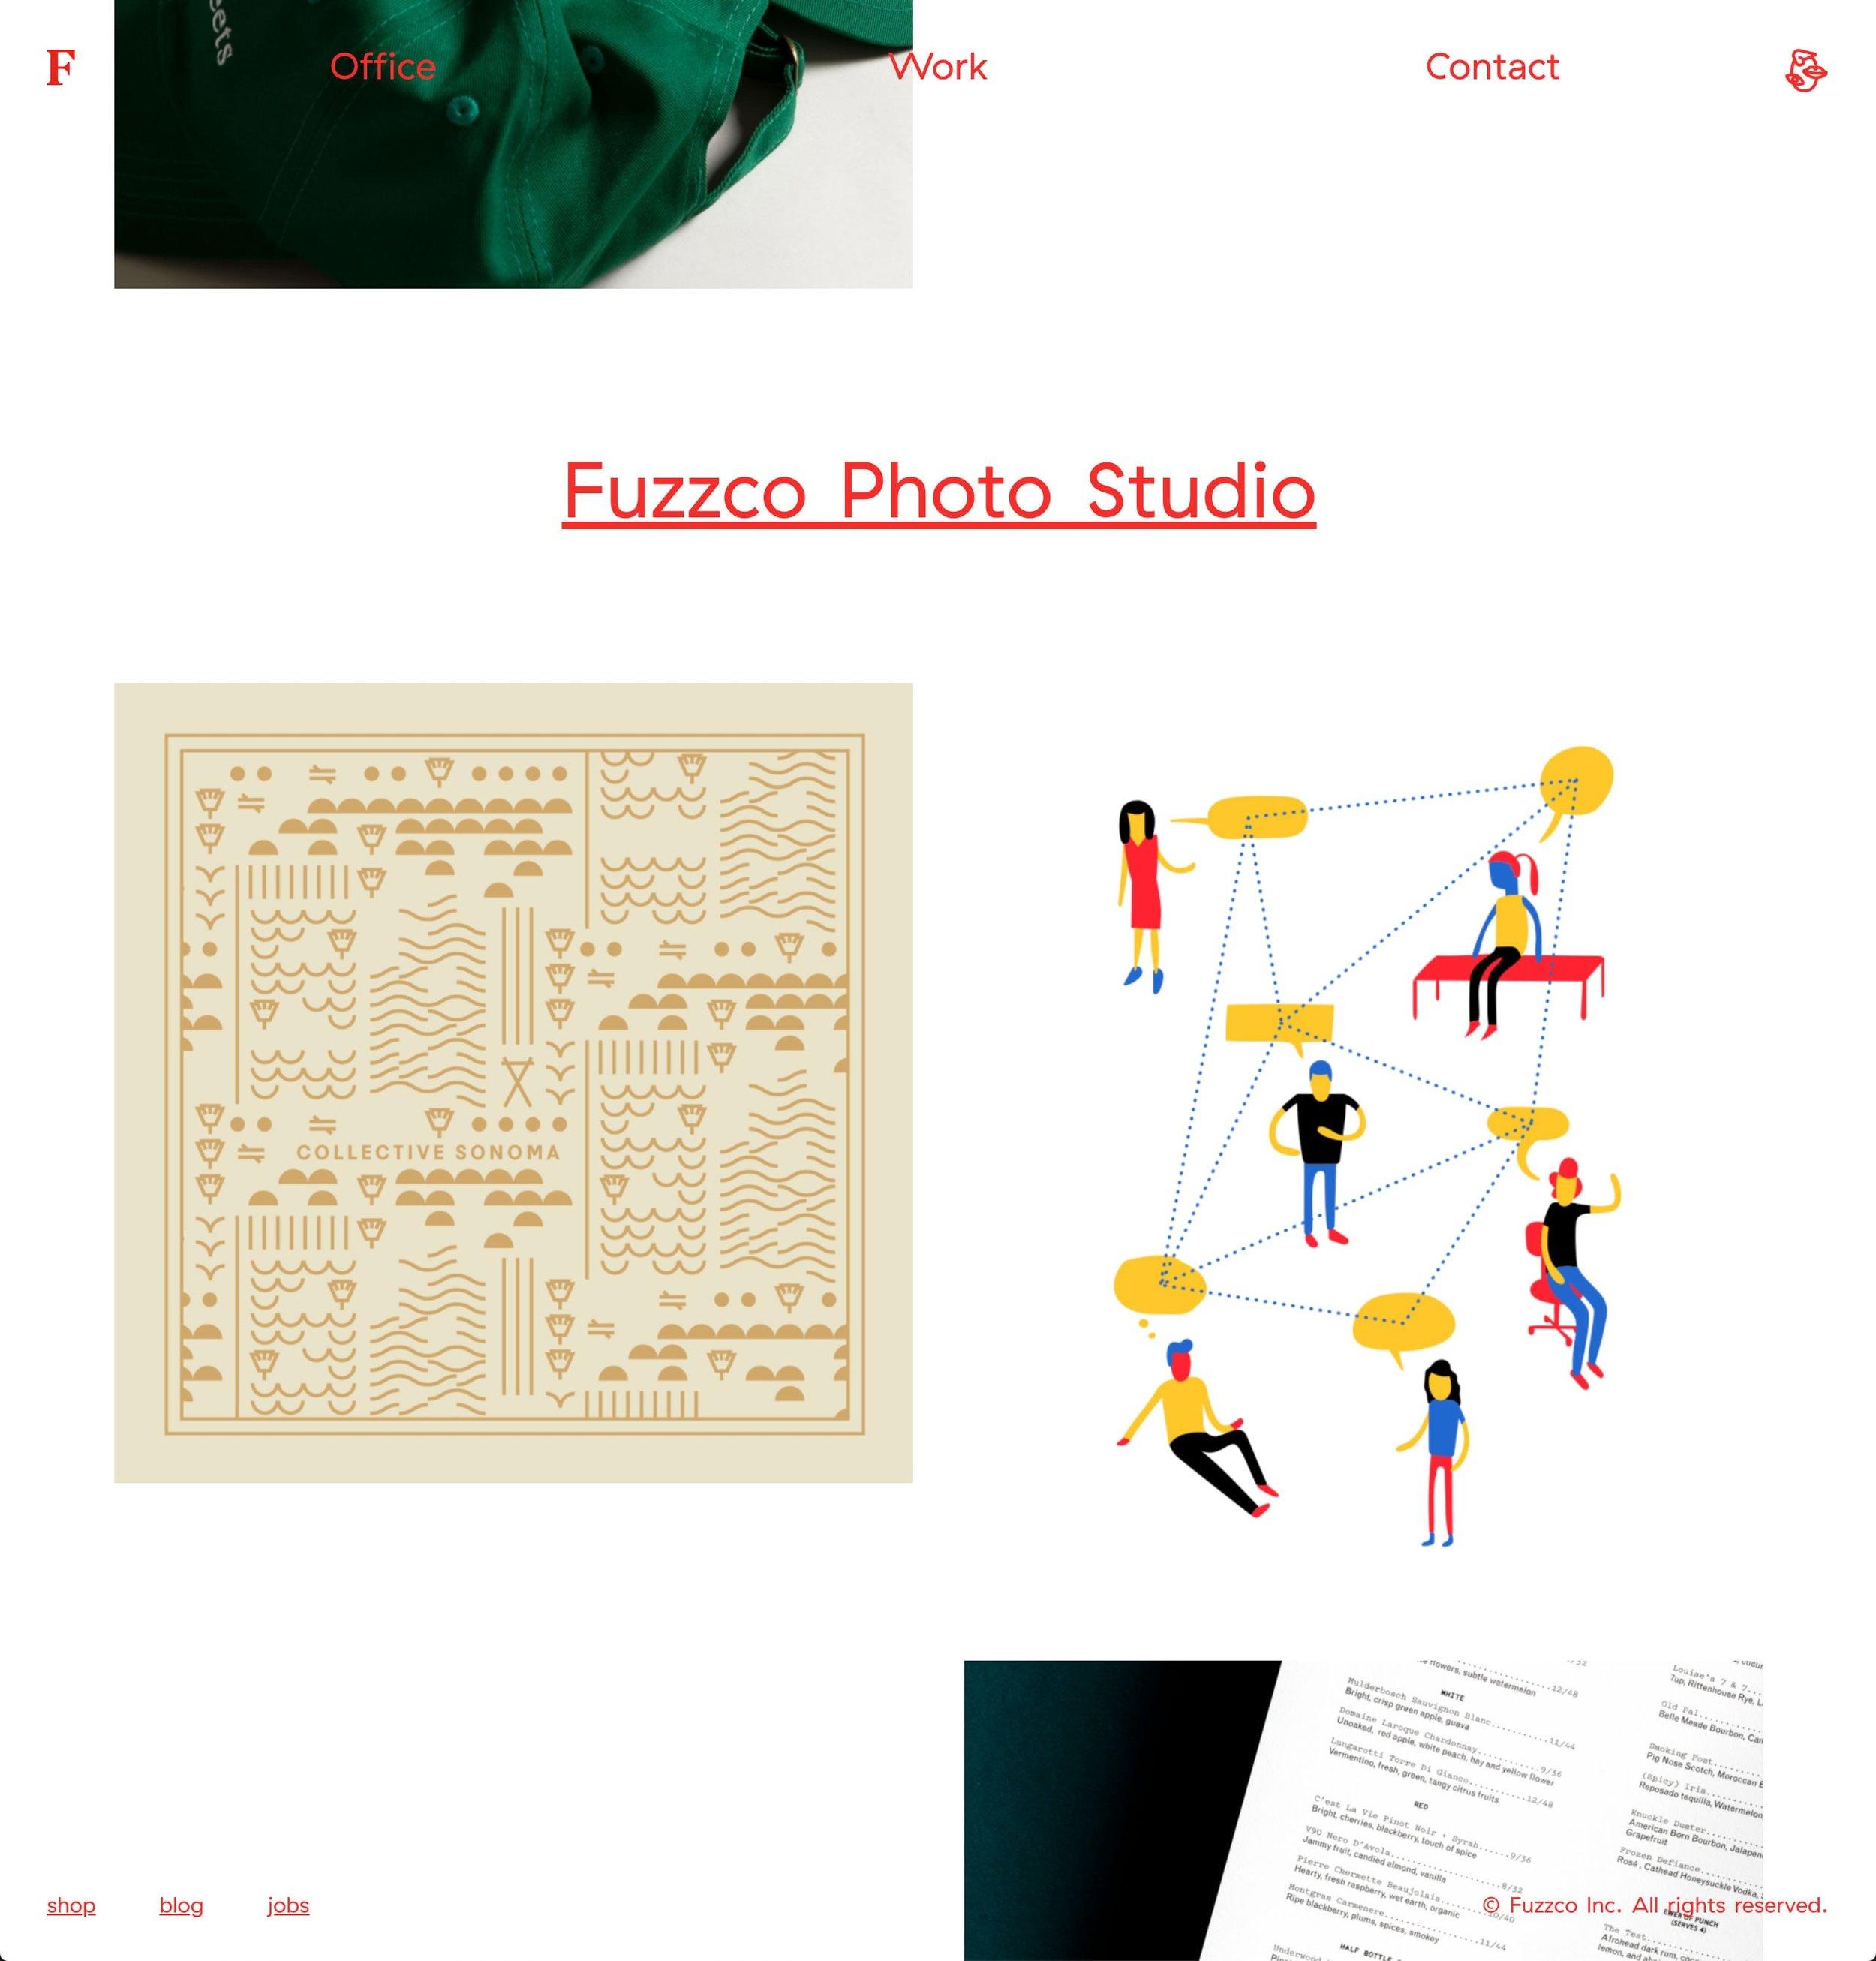 fuzzco-home-1.jpg